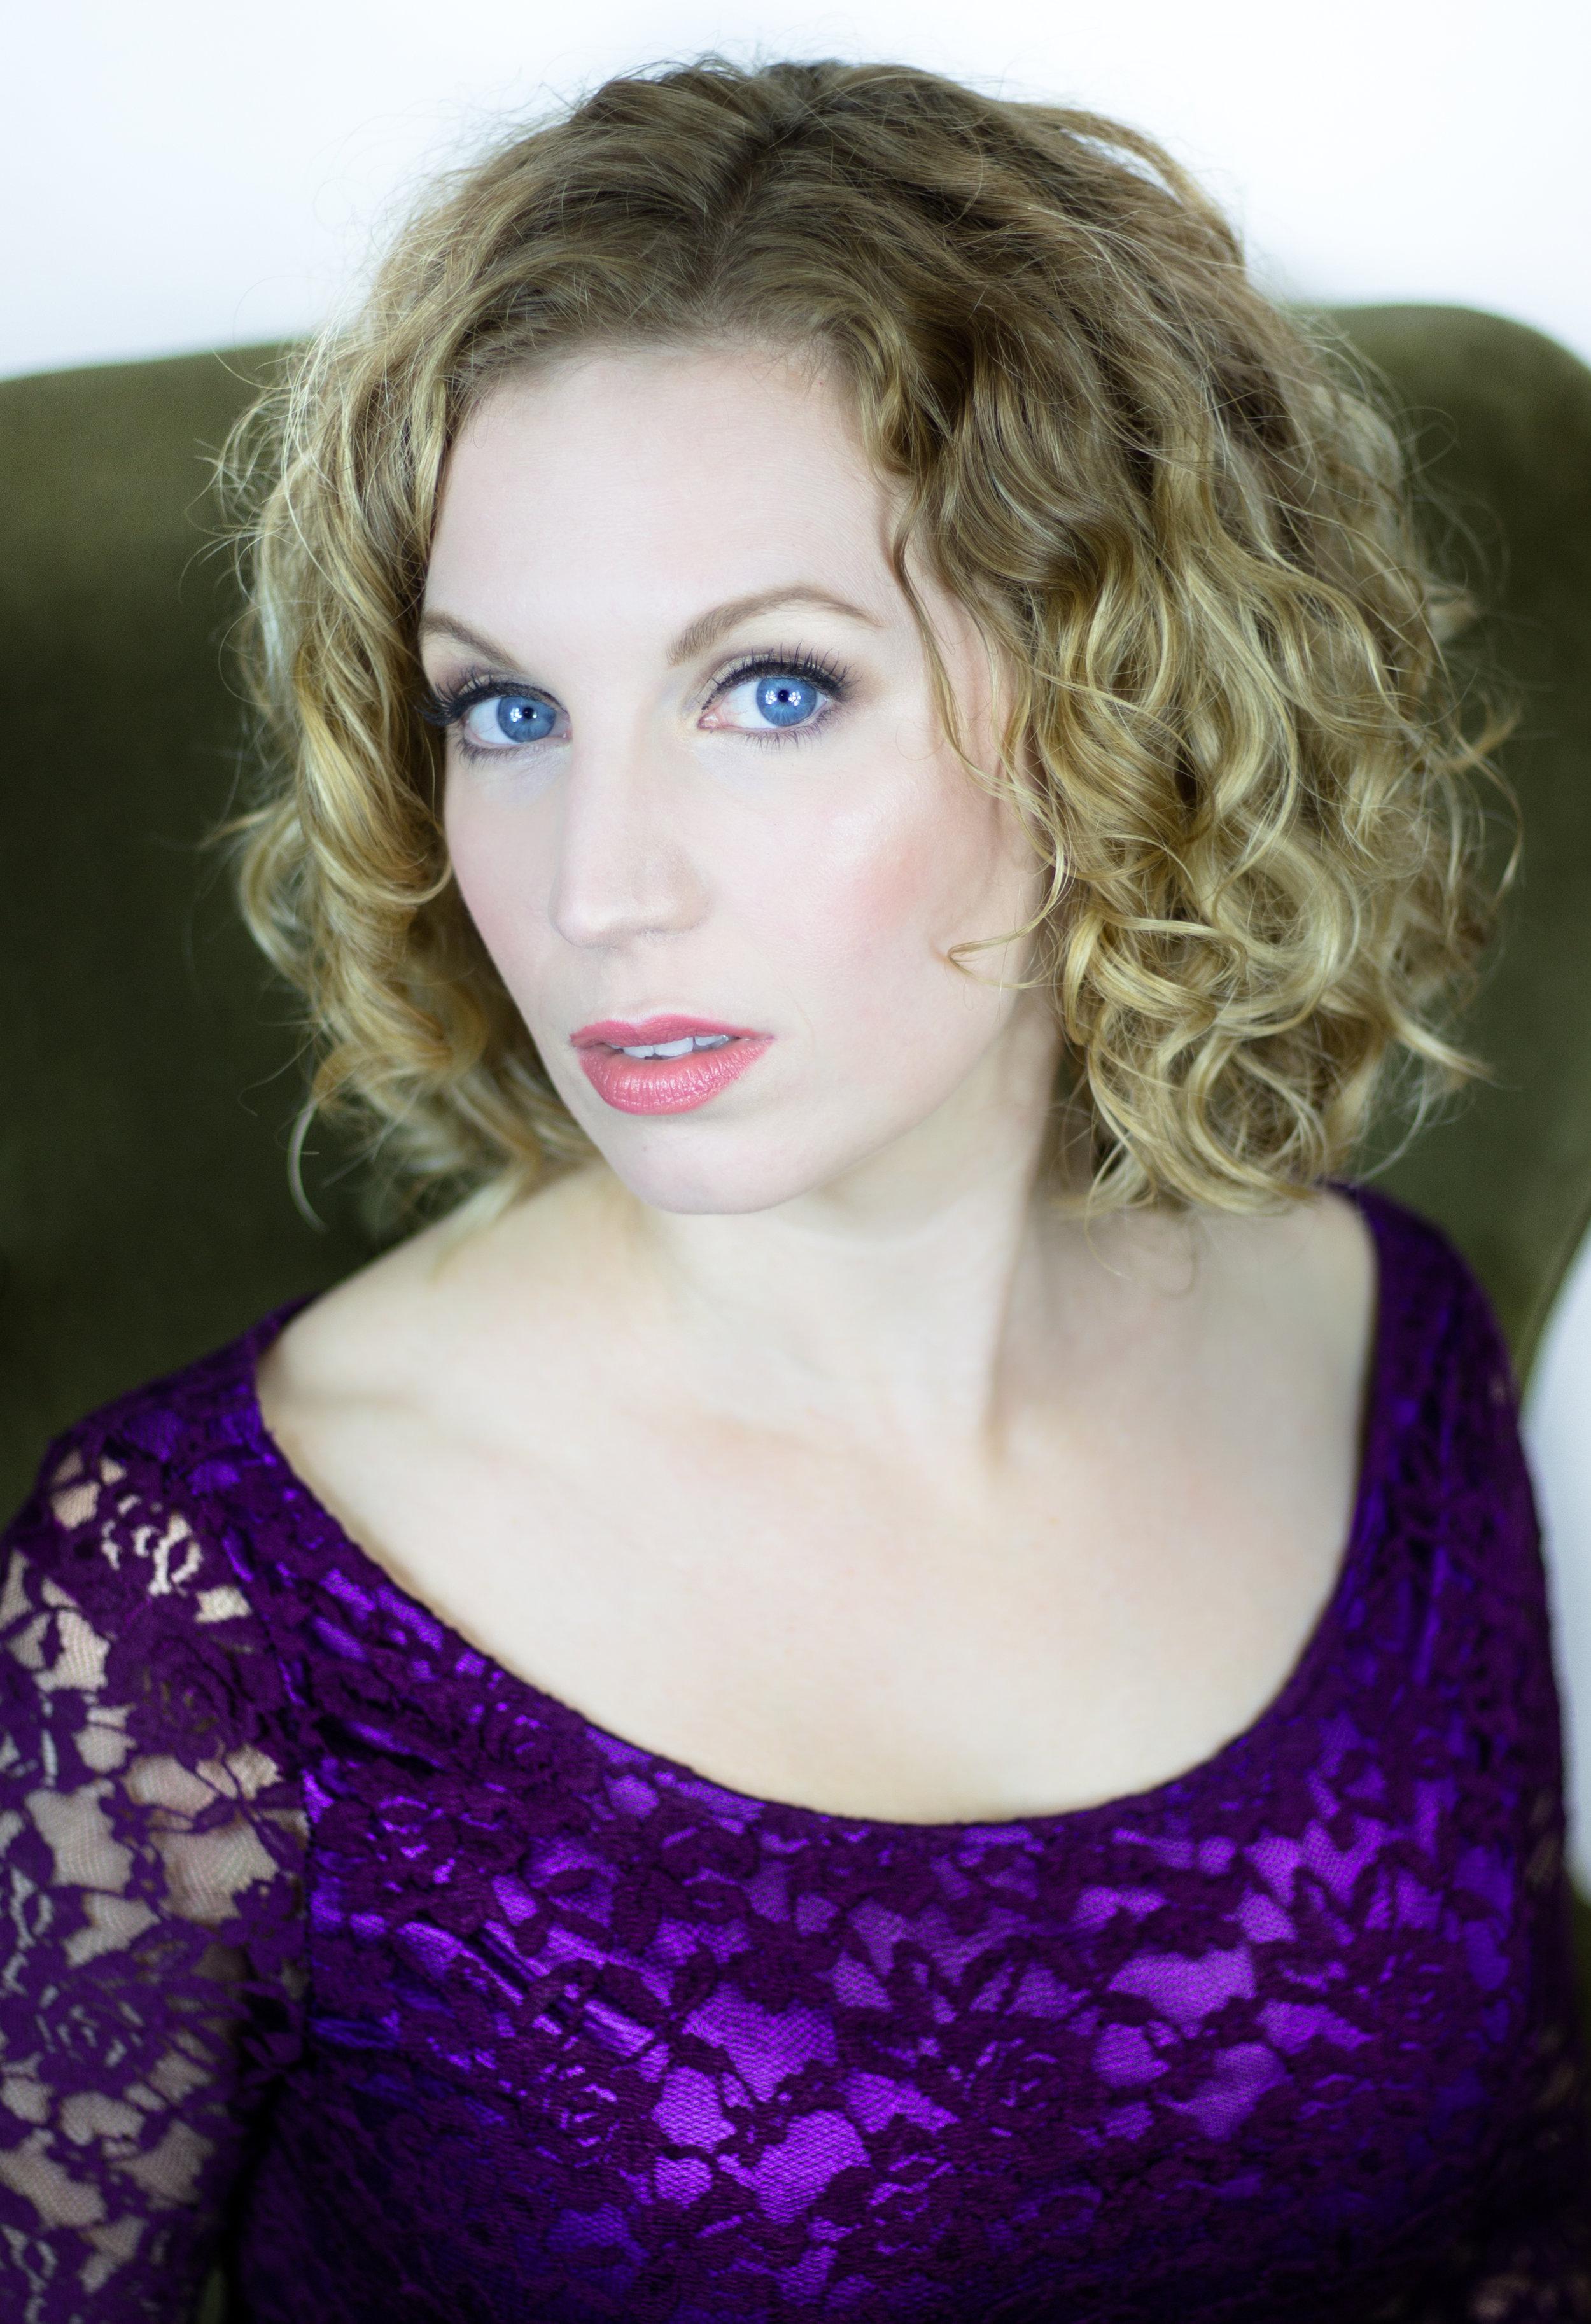 Sarah Thompson Johansen